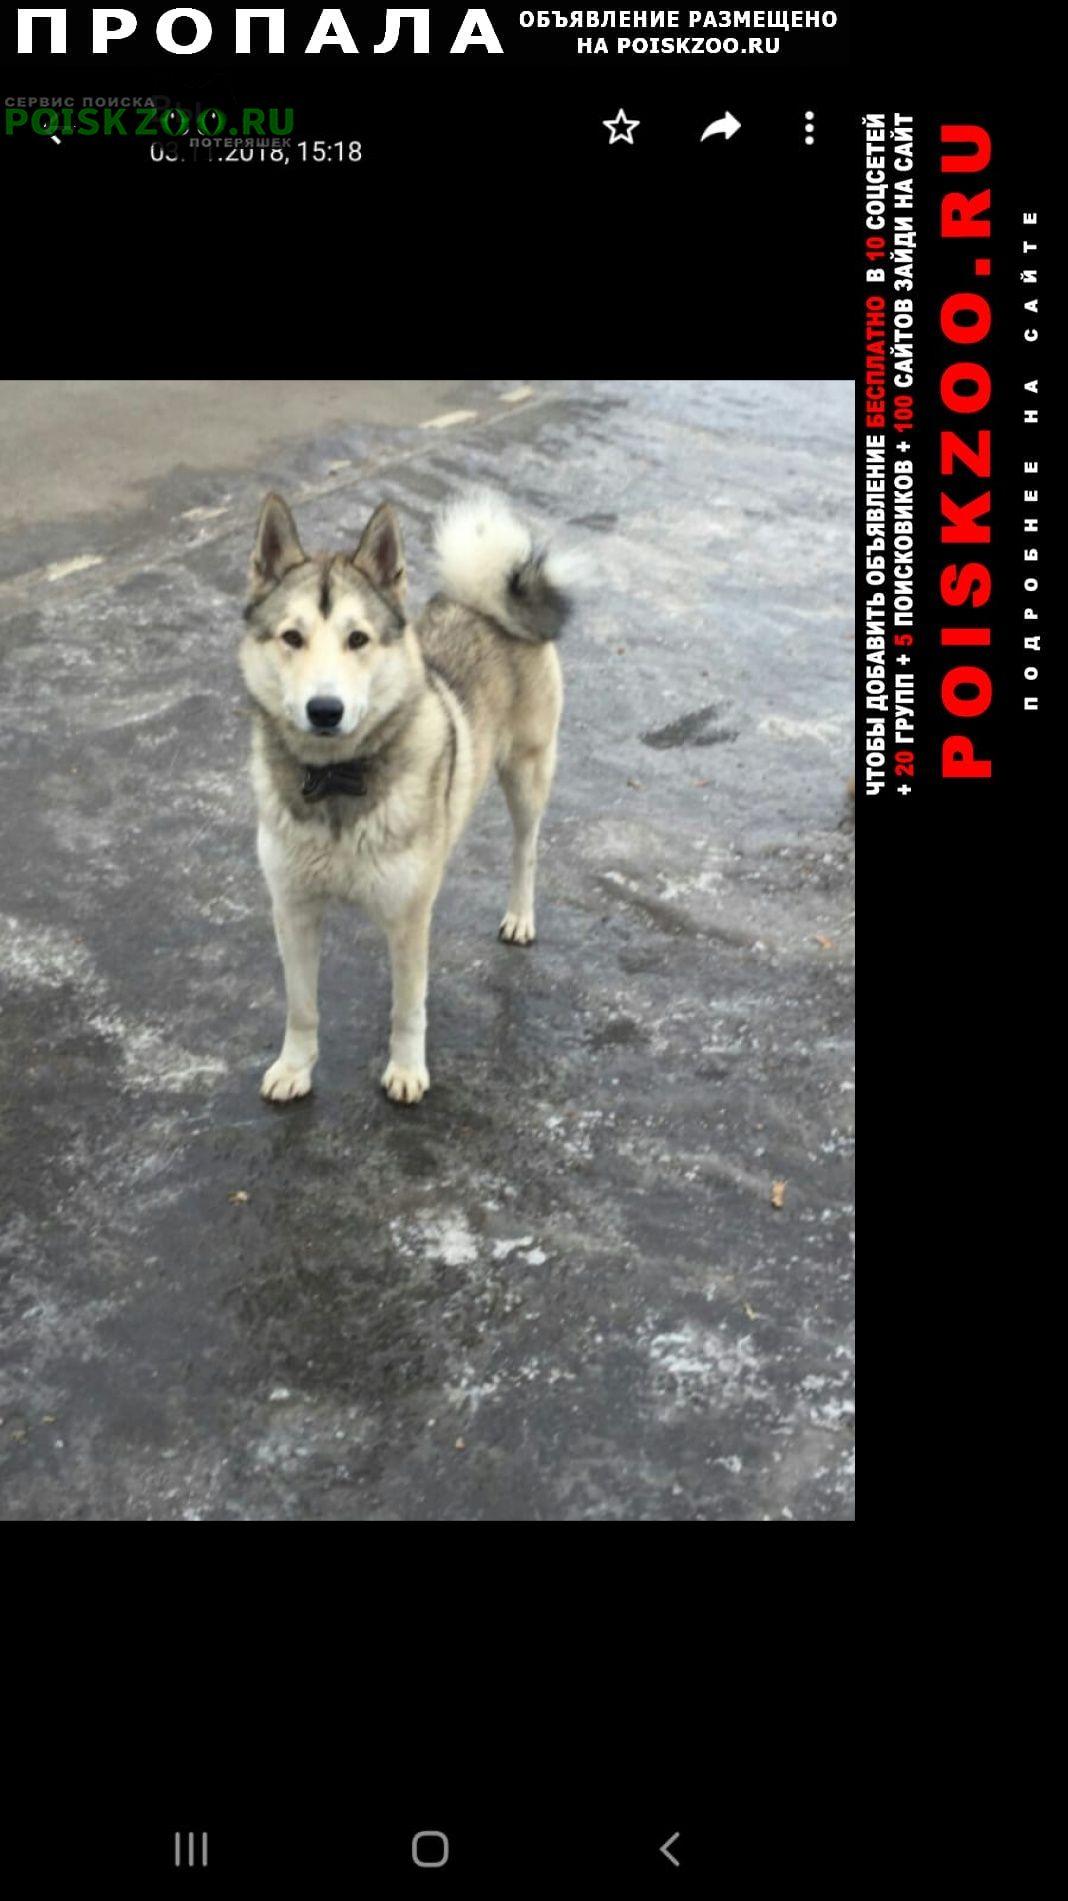 Пропала собака кобель Щербинка